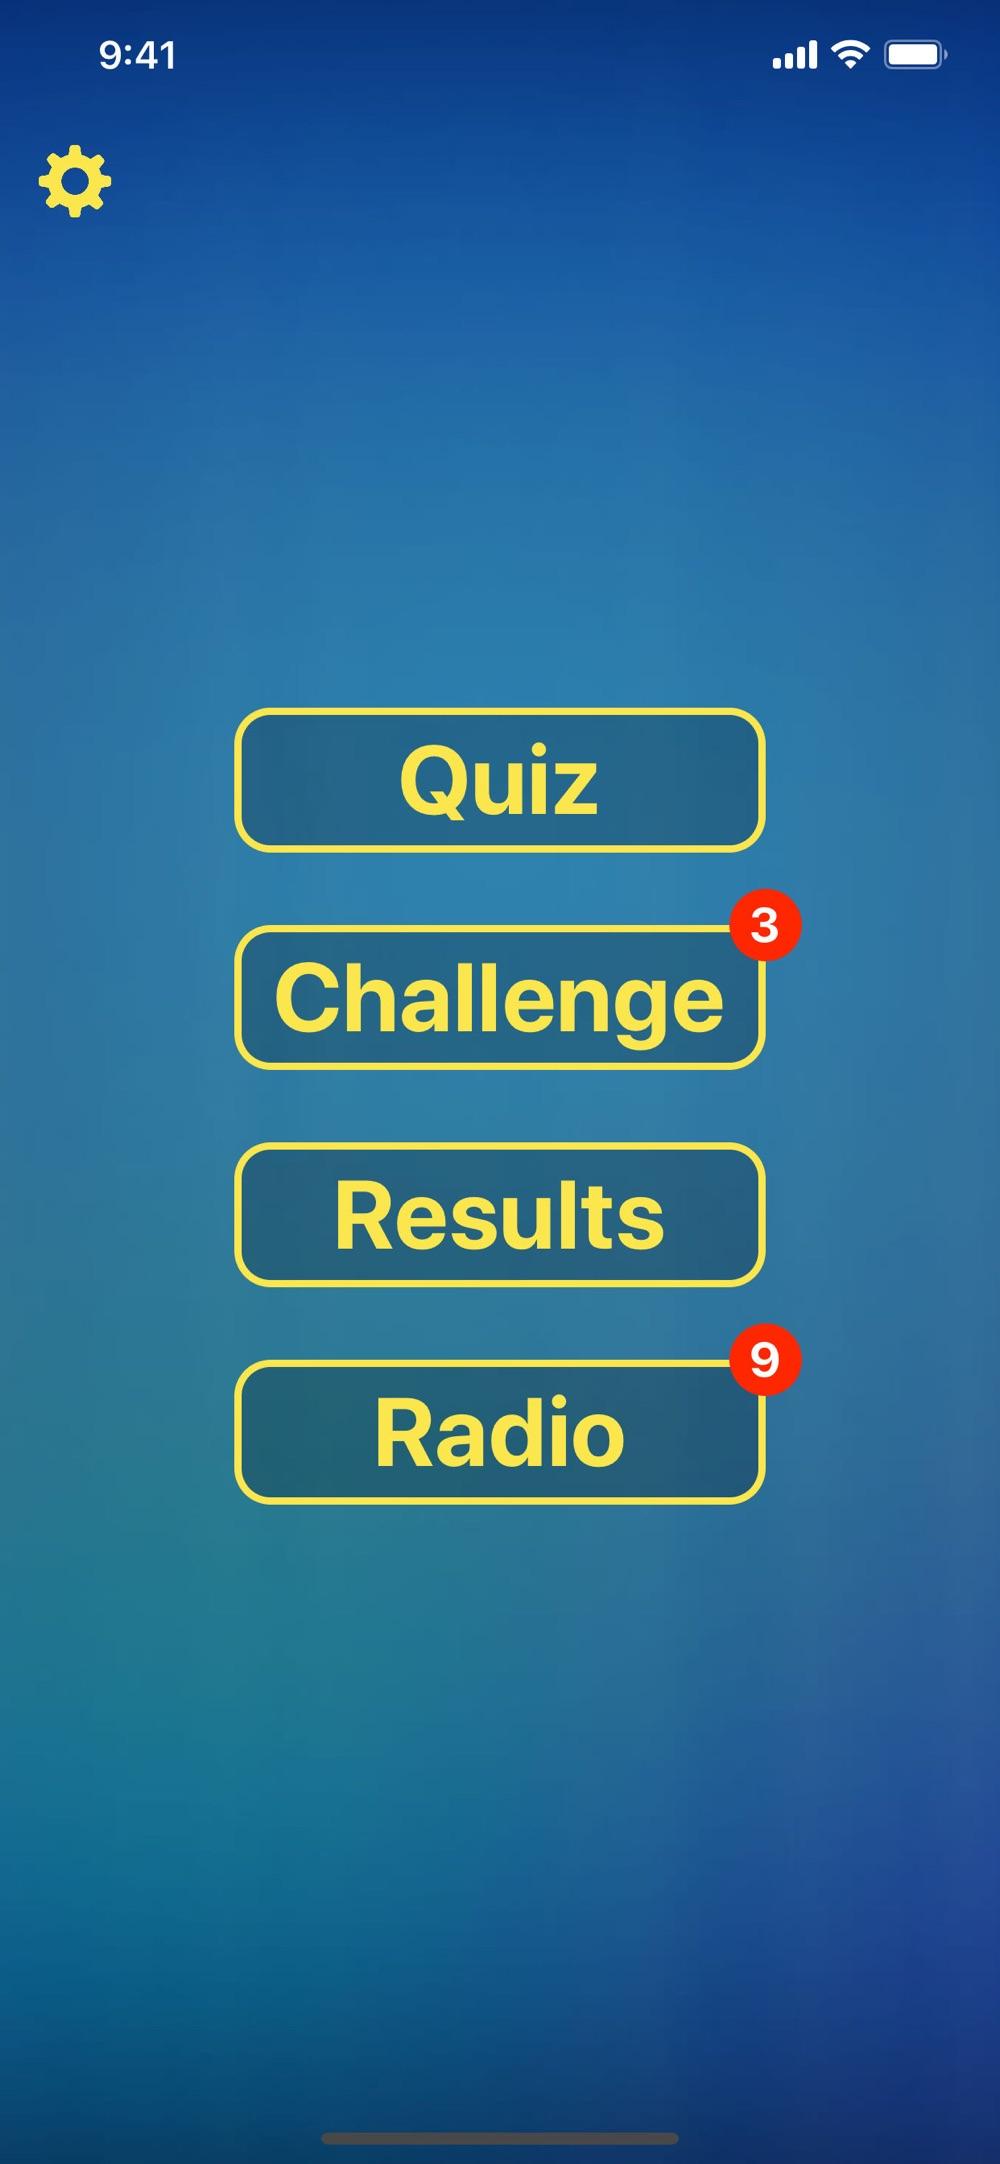 MusicIQ – Quiz and Radio Game Cheat Codes